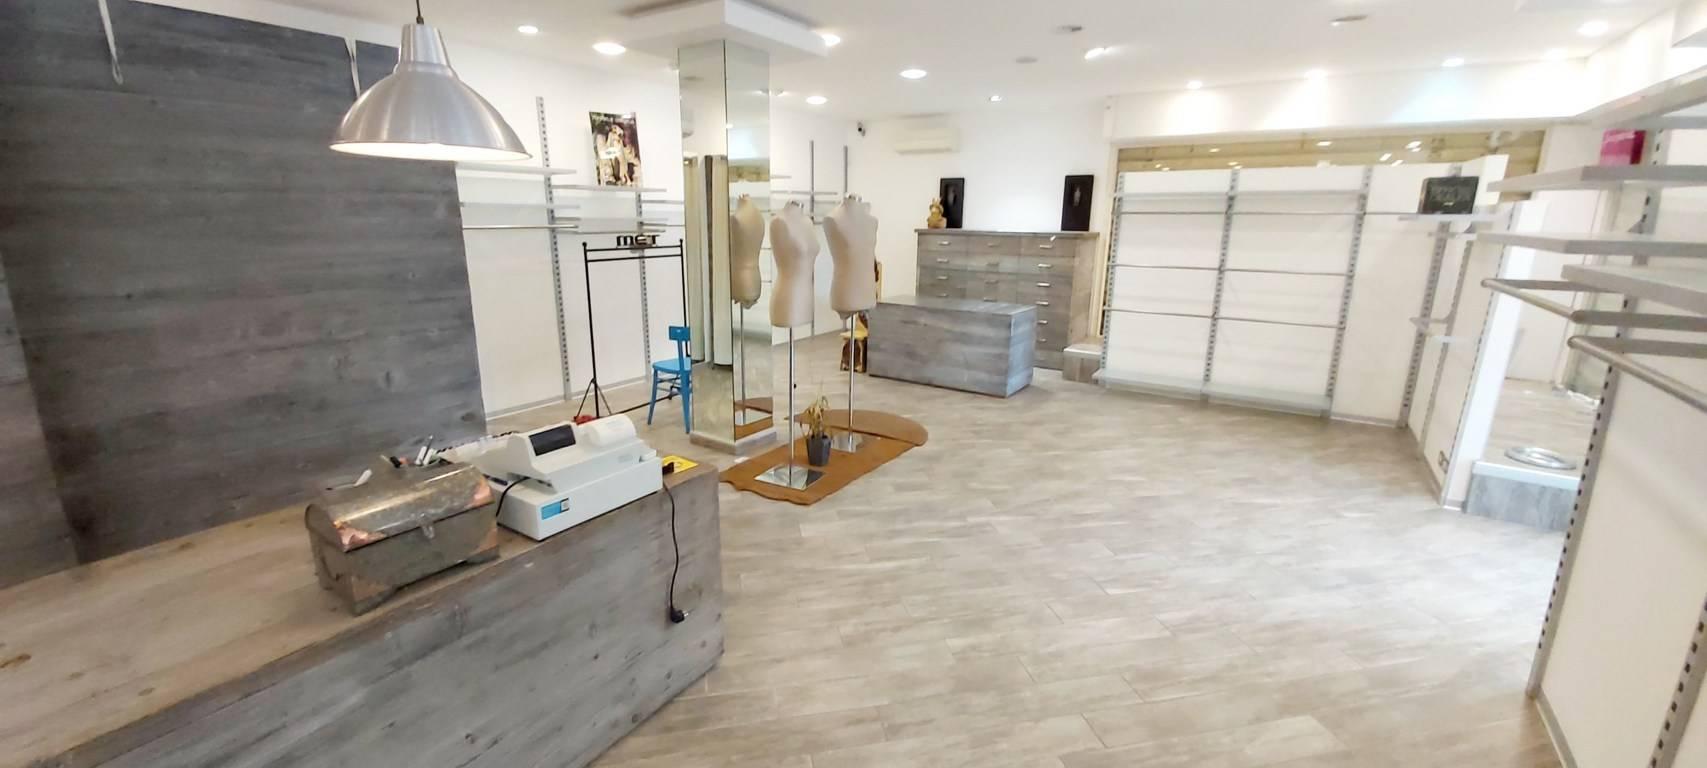 Negozio / Locale in affitto a Jesolo, 9999 locali, prezzo € 30.000 | CambioCasa.it